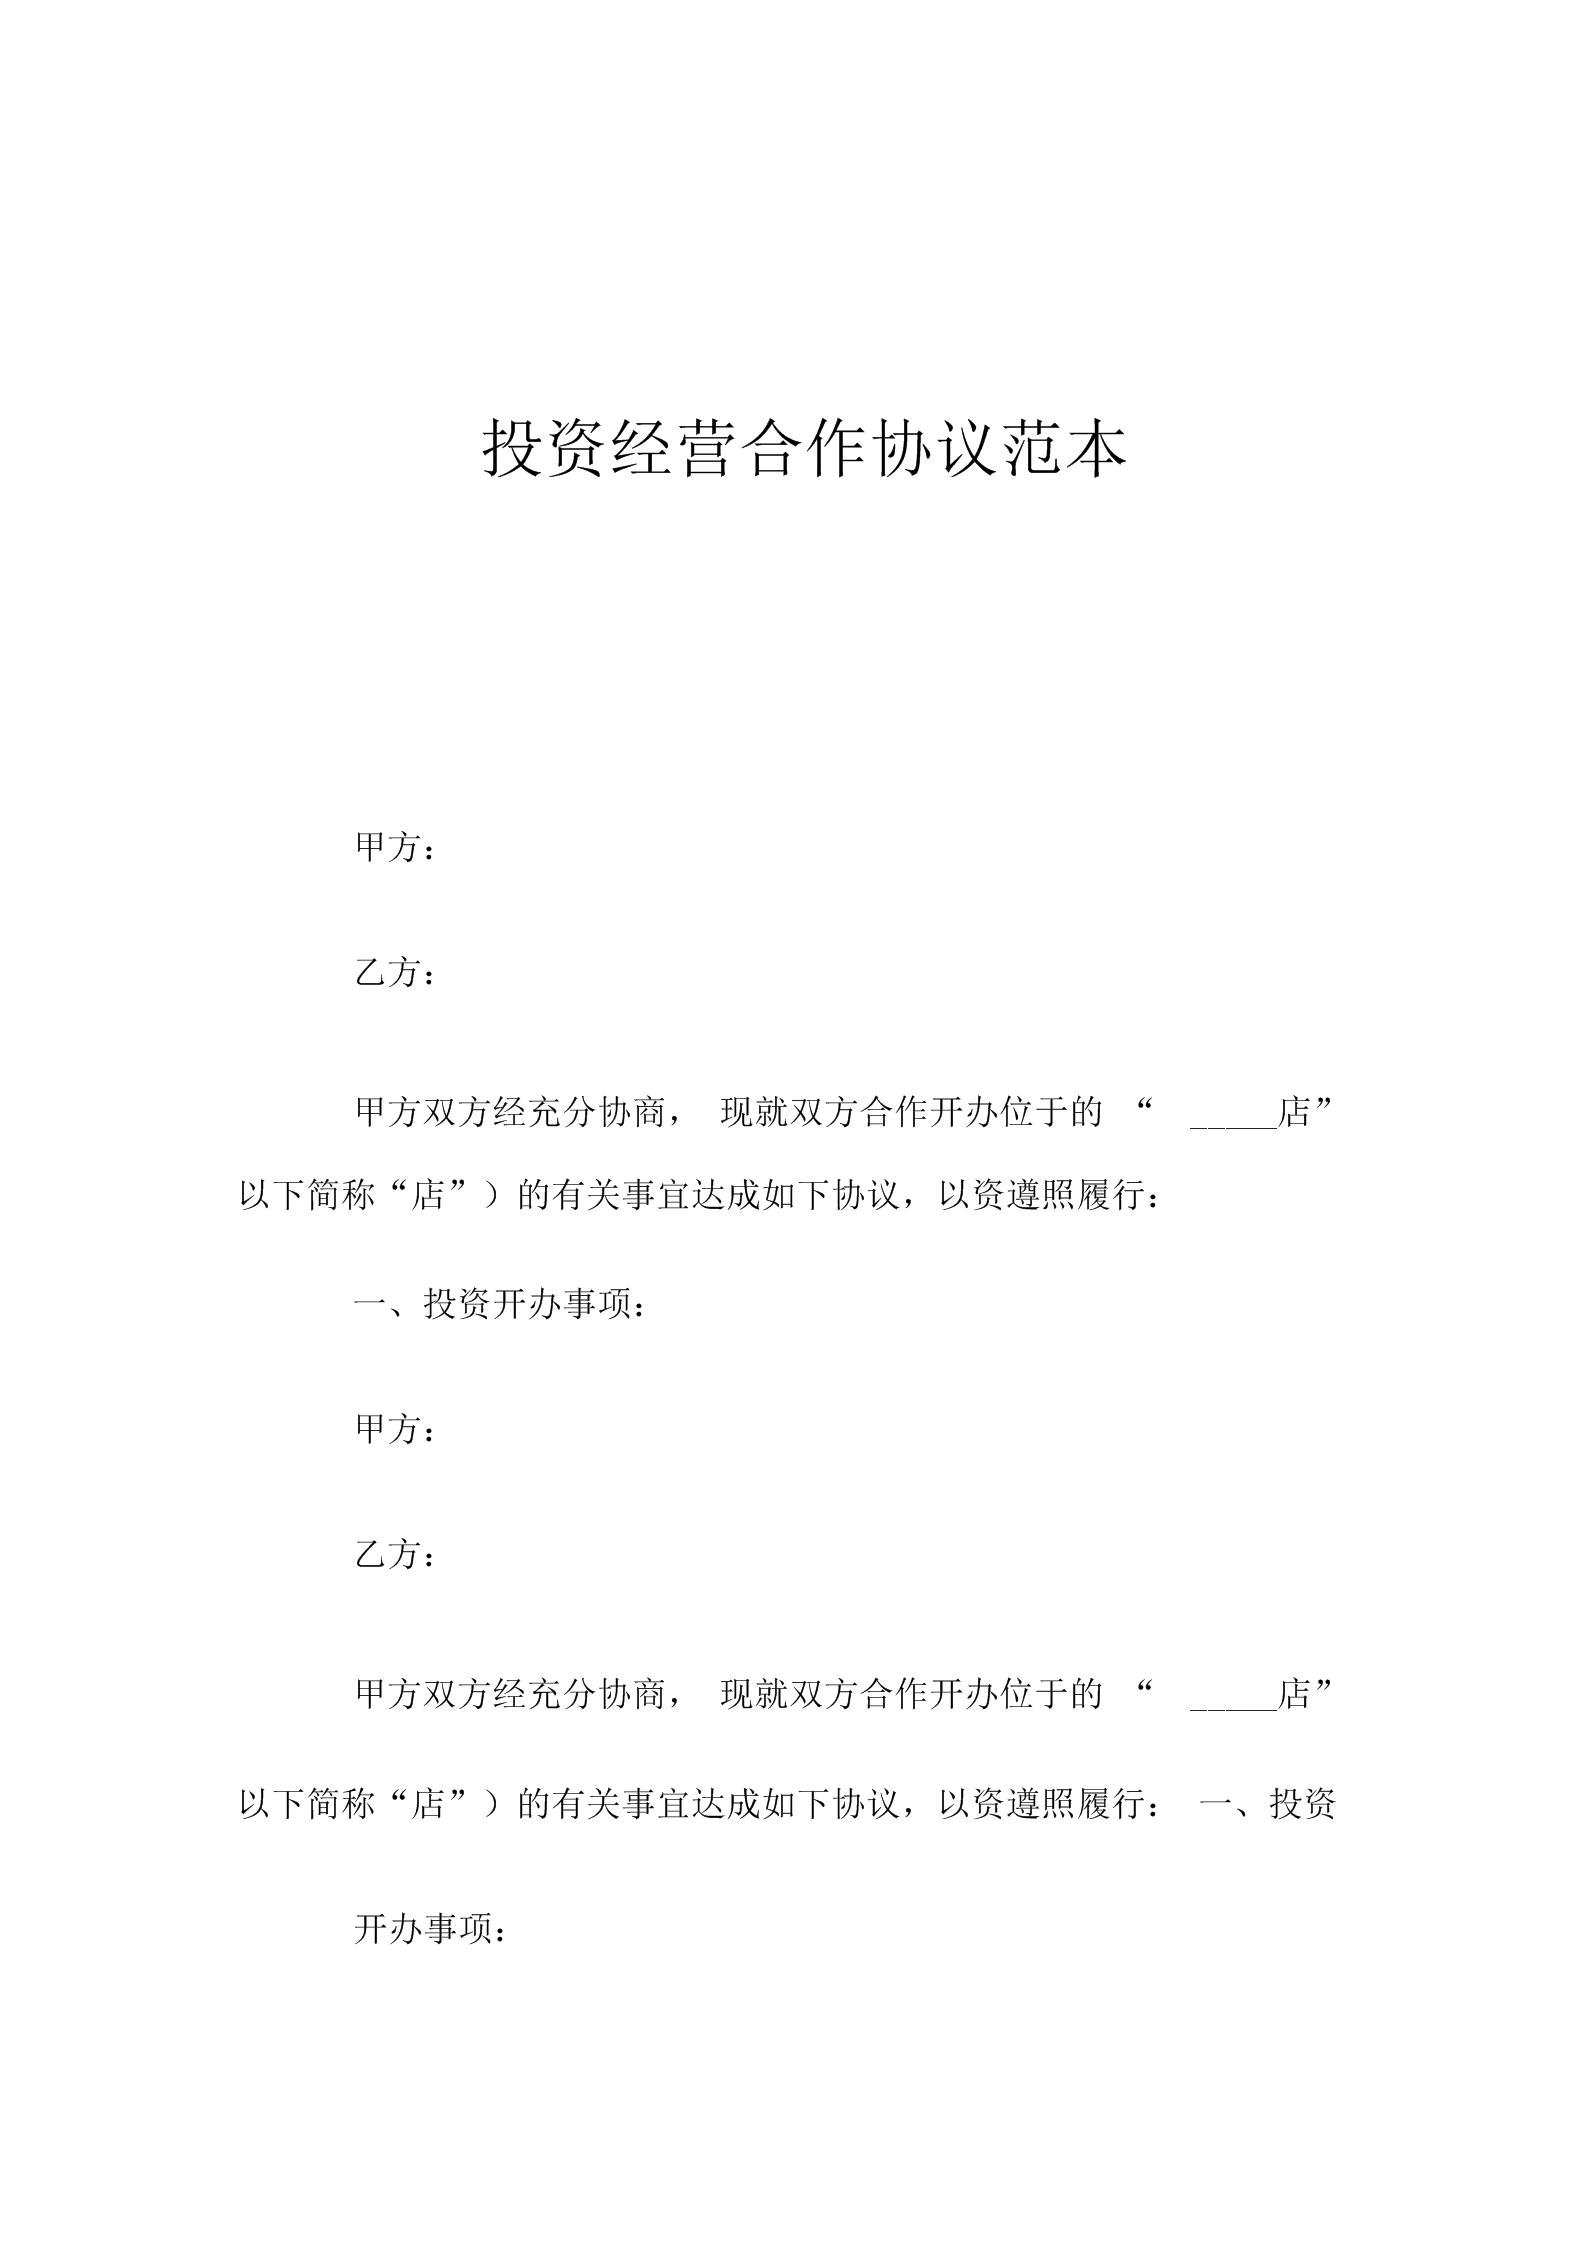 投资经营合作协议.docx